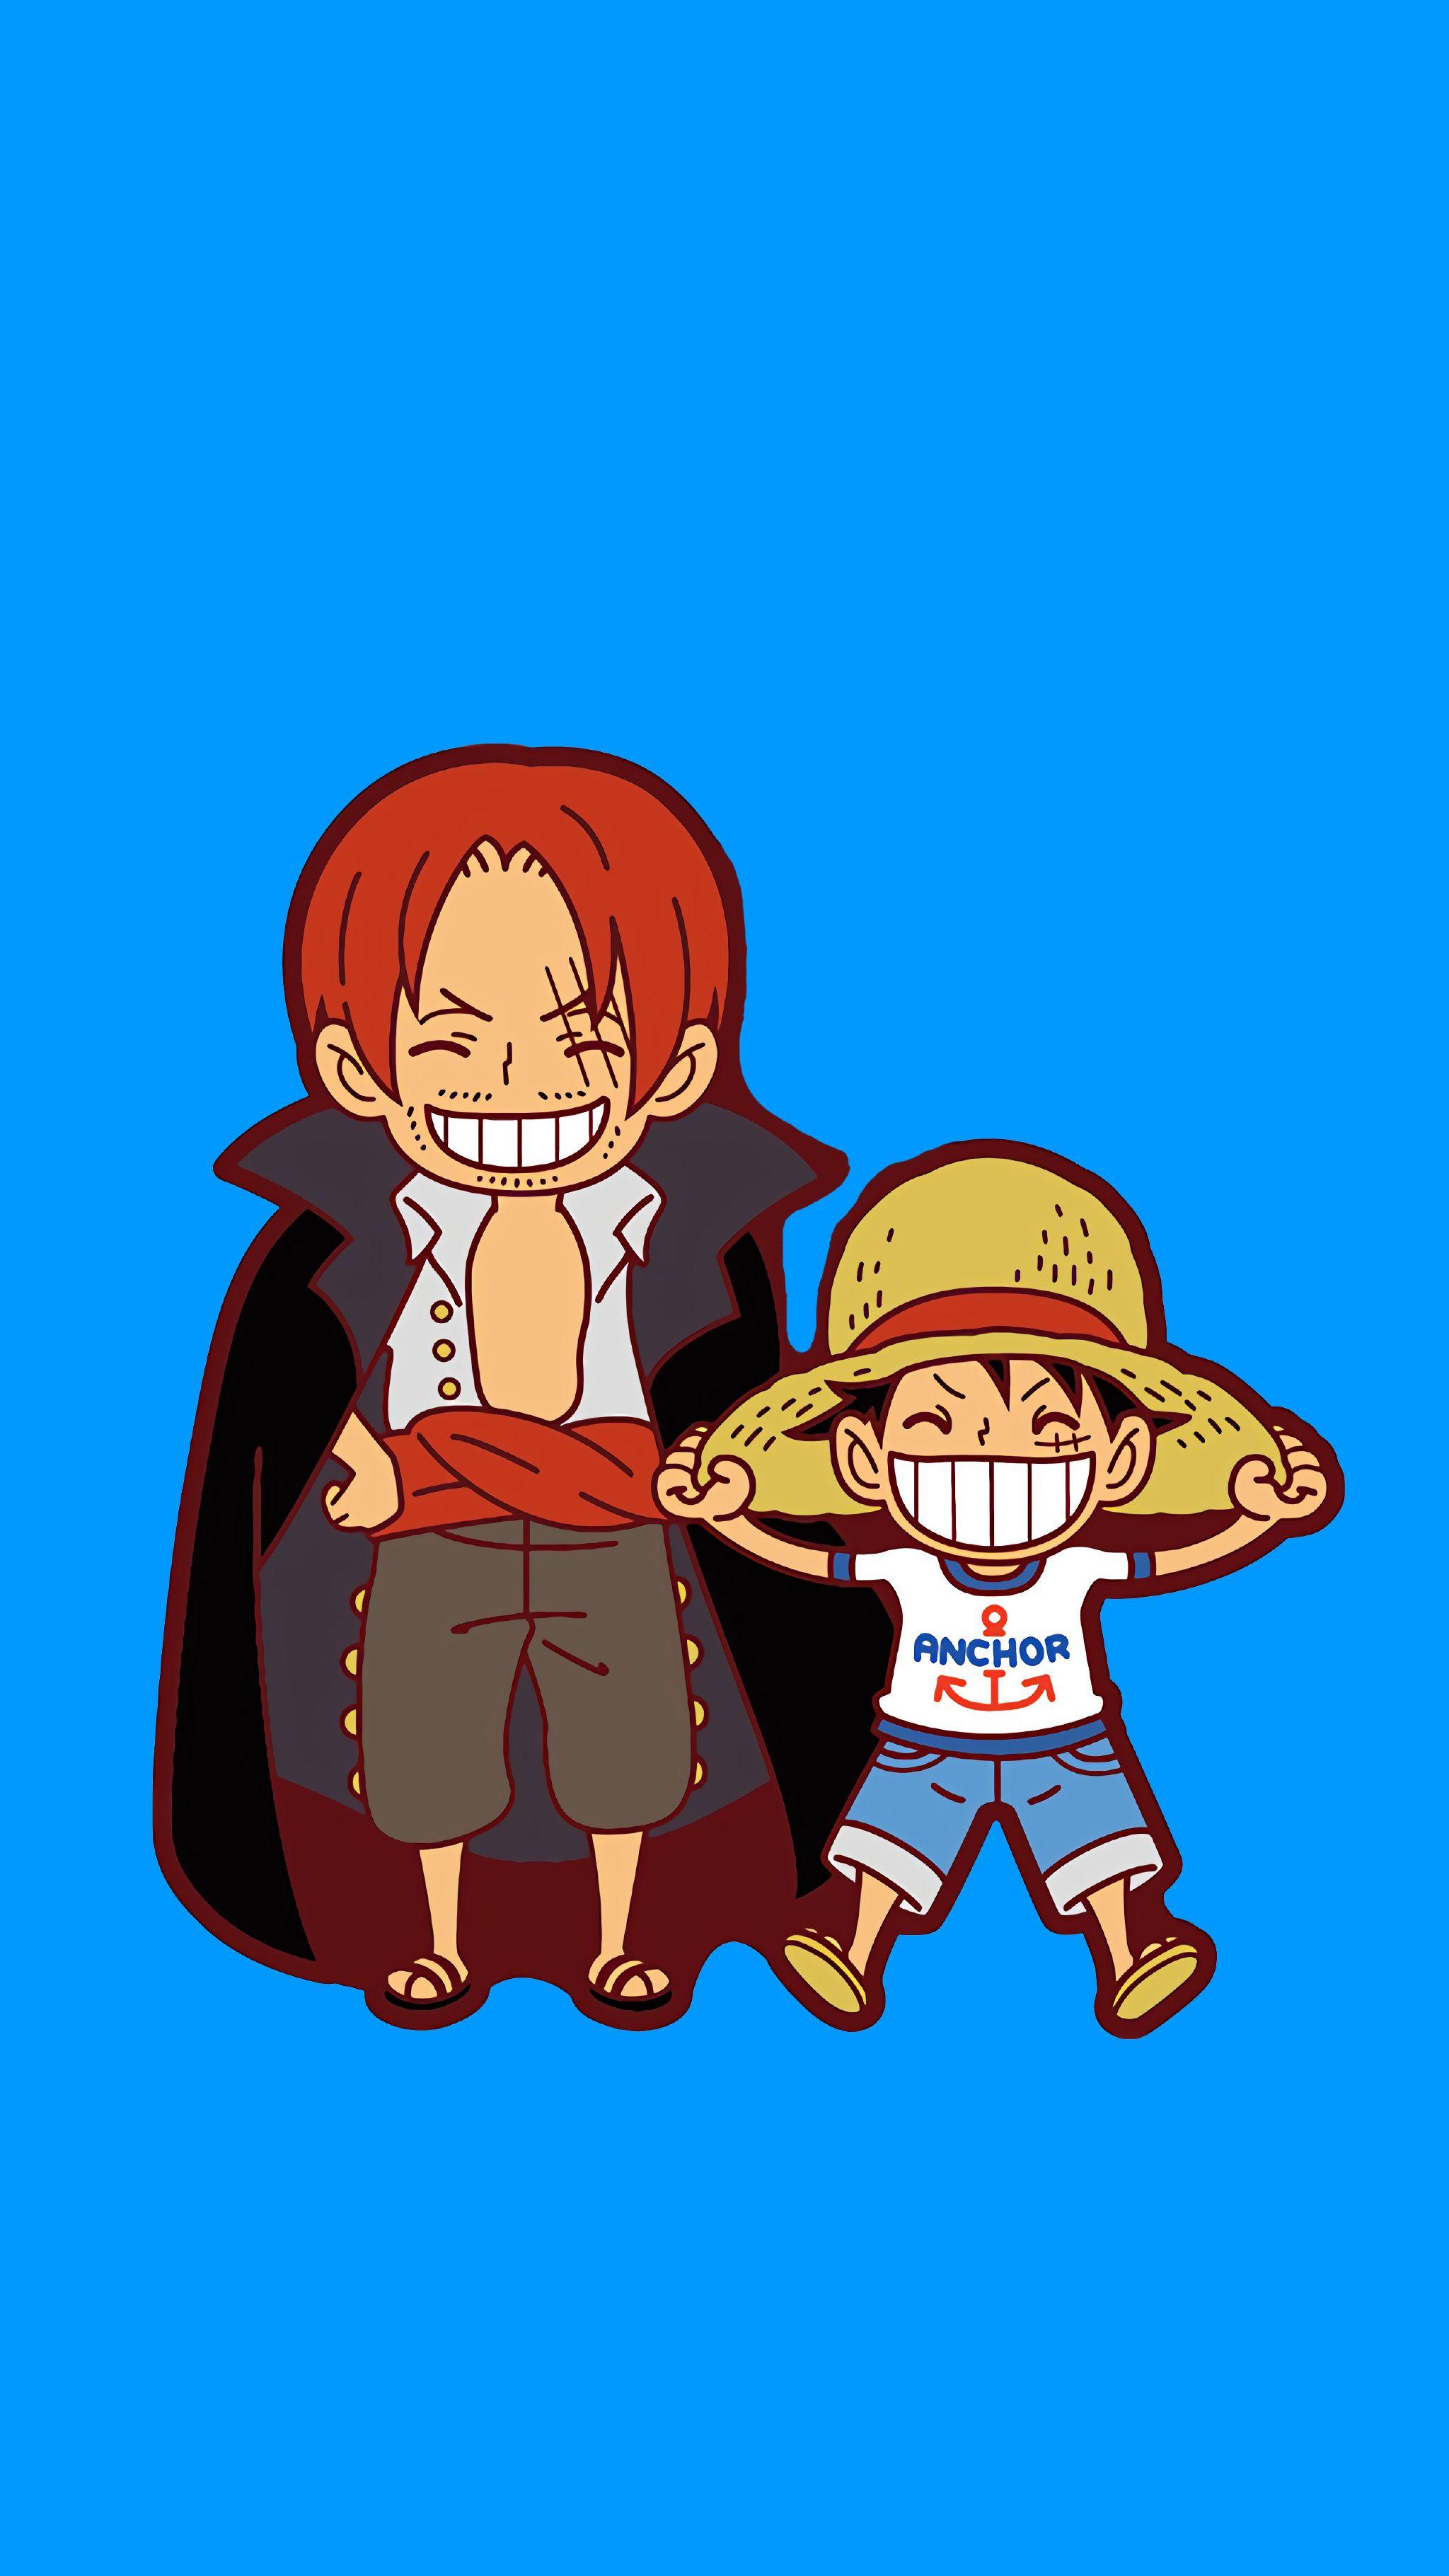 ปักพินโดย Kogucik ใน One Piece อะนิเมะ, ภาพศิลปะ, แฟน